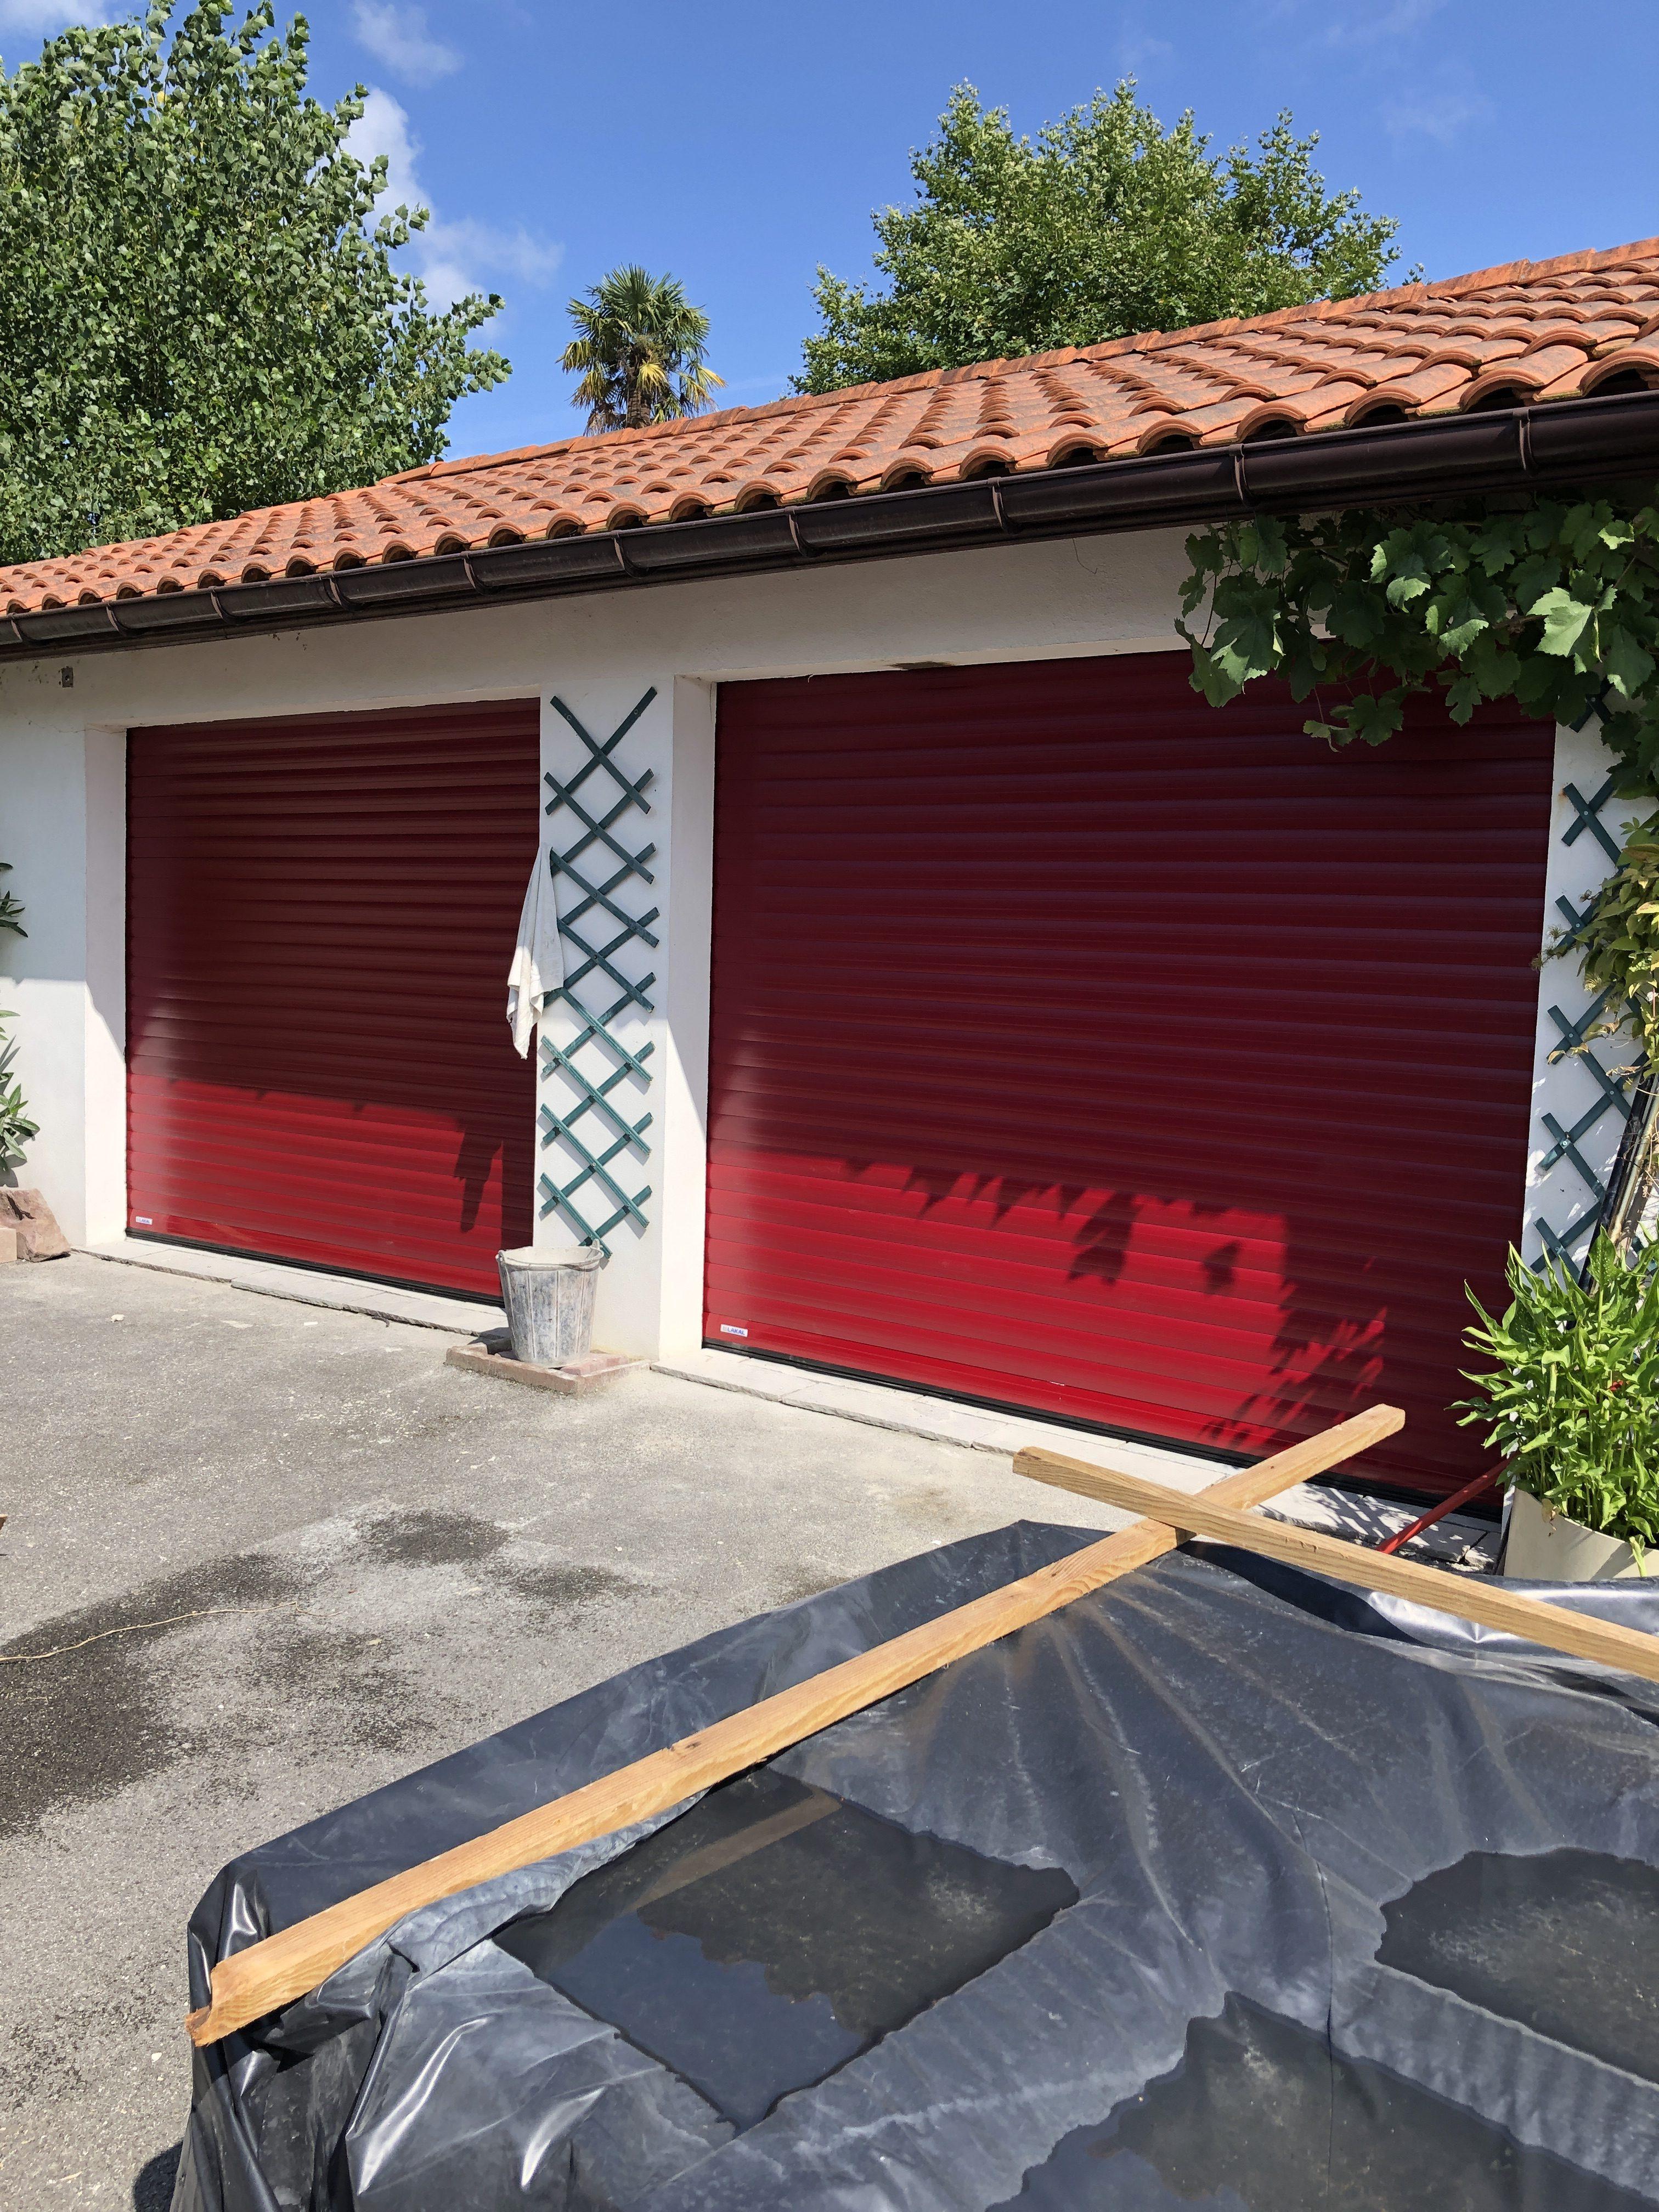 Porte de garage enroulable rouge basque Lakal par AED64 à Briscous